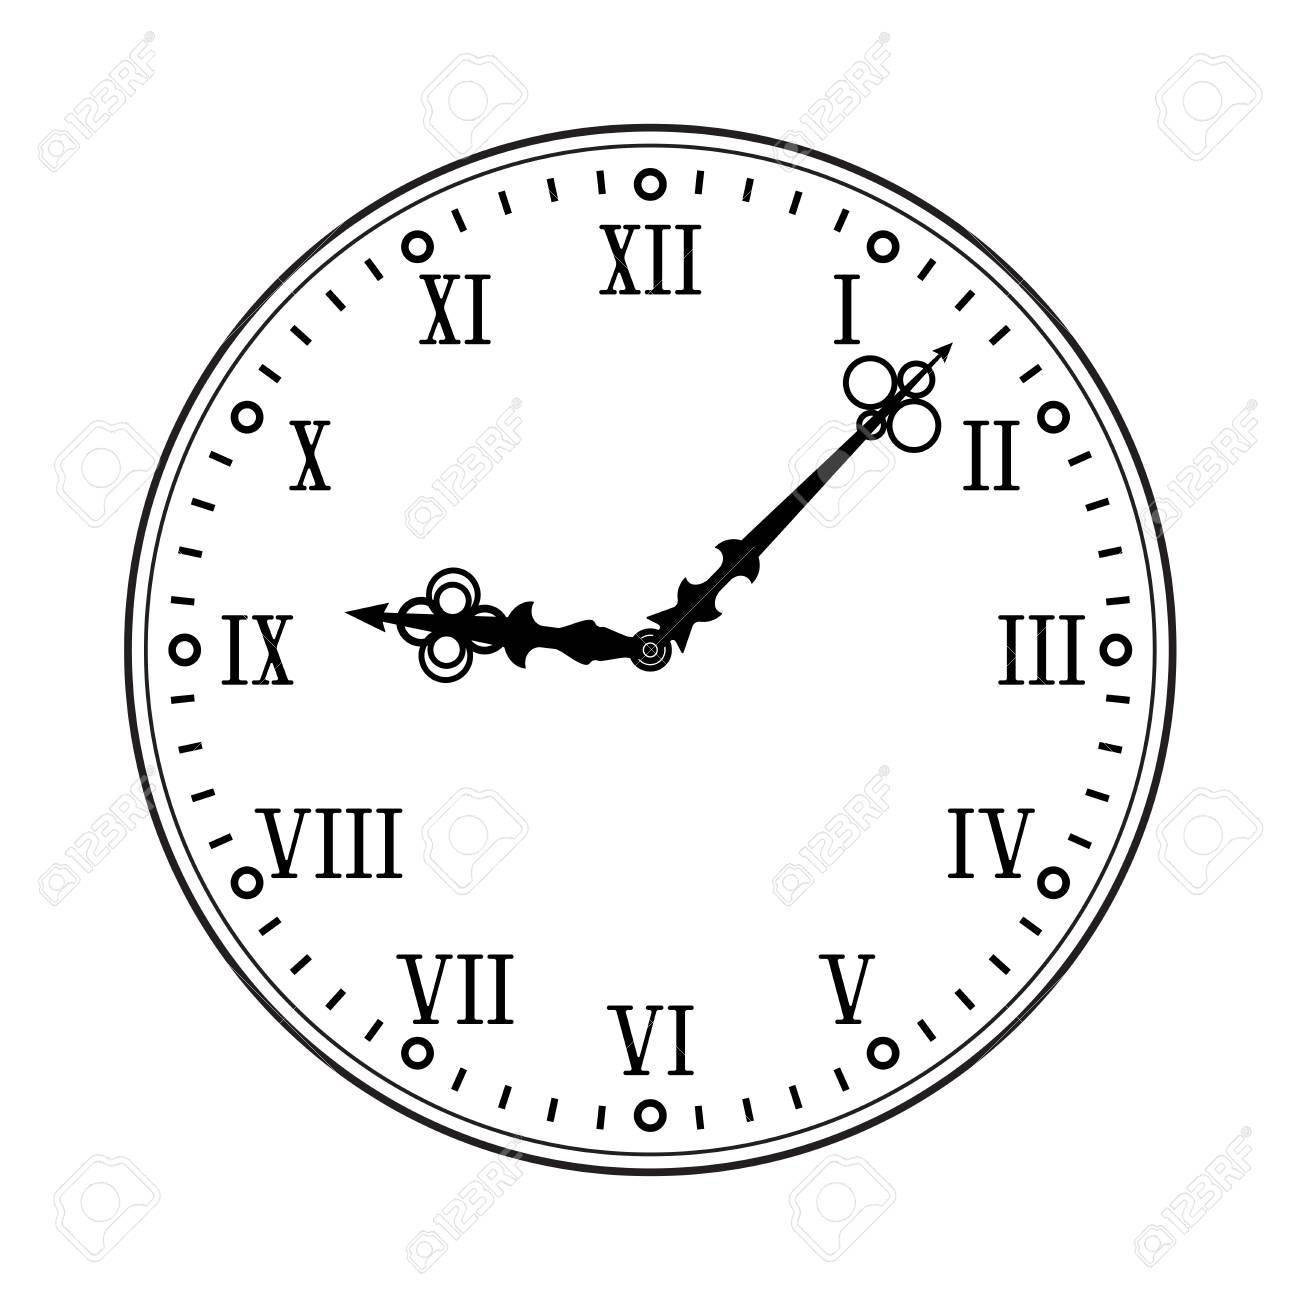 Cadran D'horloge Avec Chiffres Romains. Dessin À Plat Noir Sur Fond Blanc avec Dessin Chiffre Romain